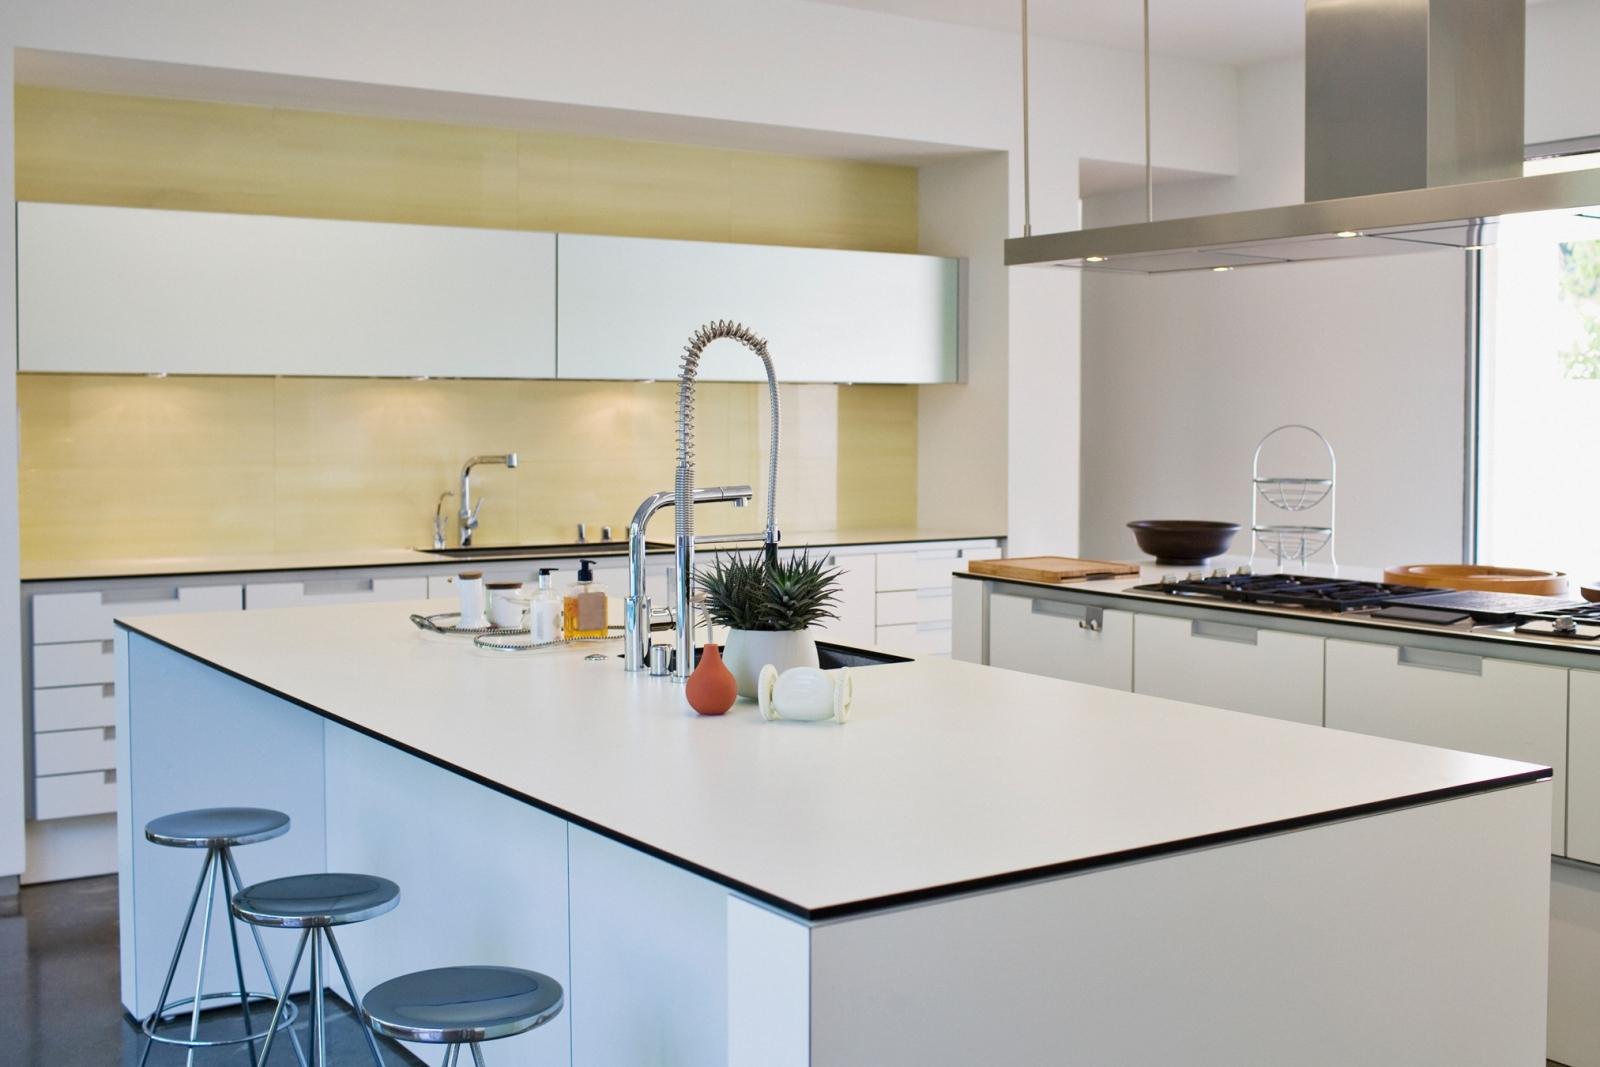 Keukenwerkbladen geschikte materialen en hun prijzen - Prijs kwarts werkblad ...